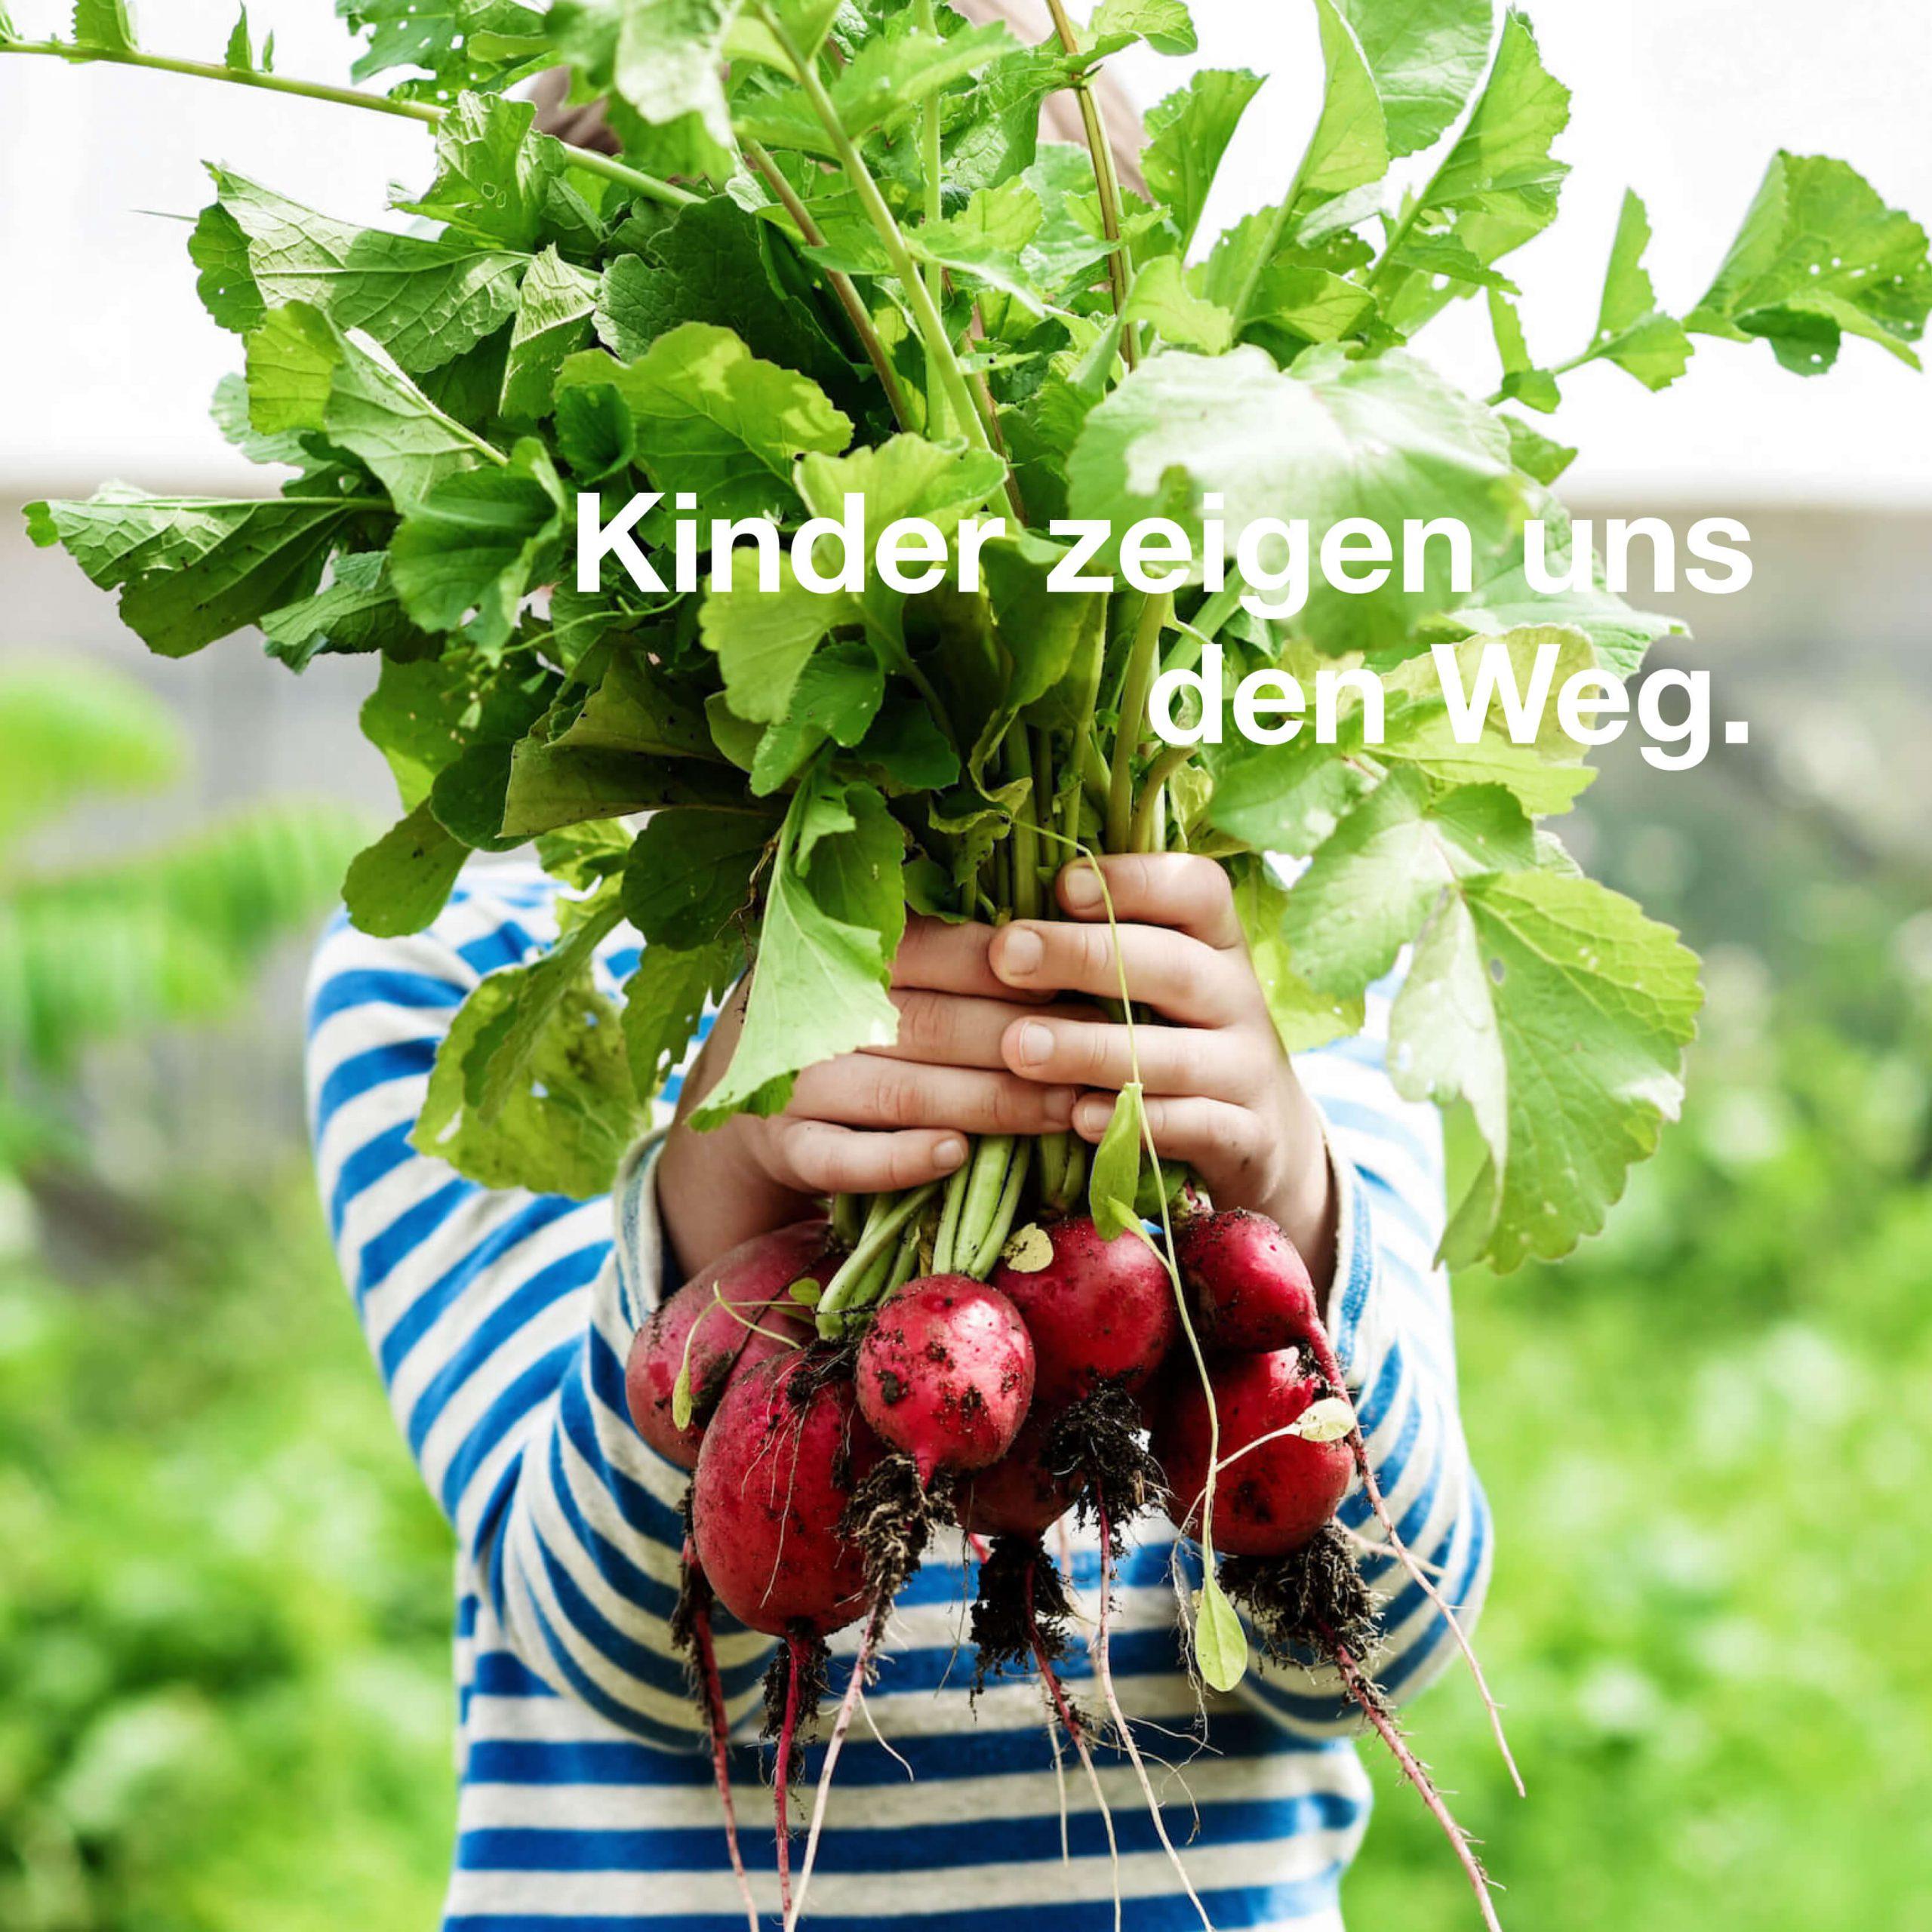 Umweltschutz. Kinder leben es uns vor.